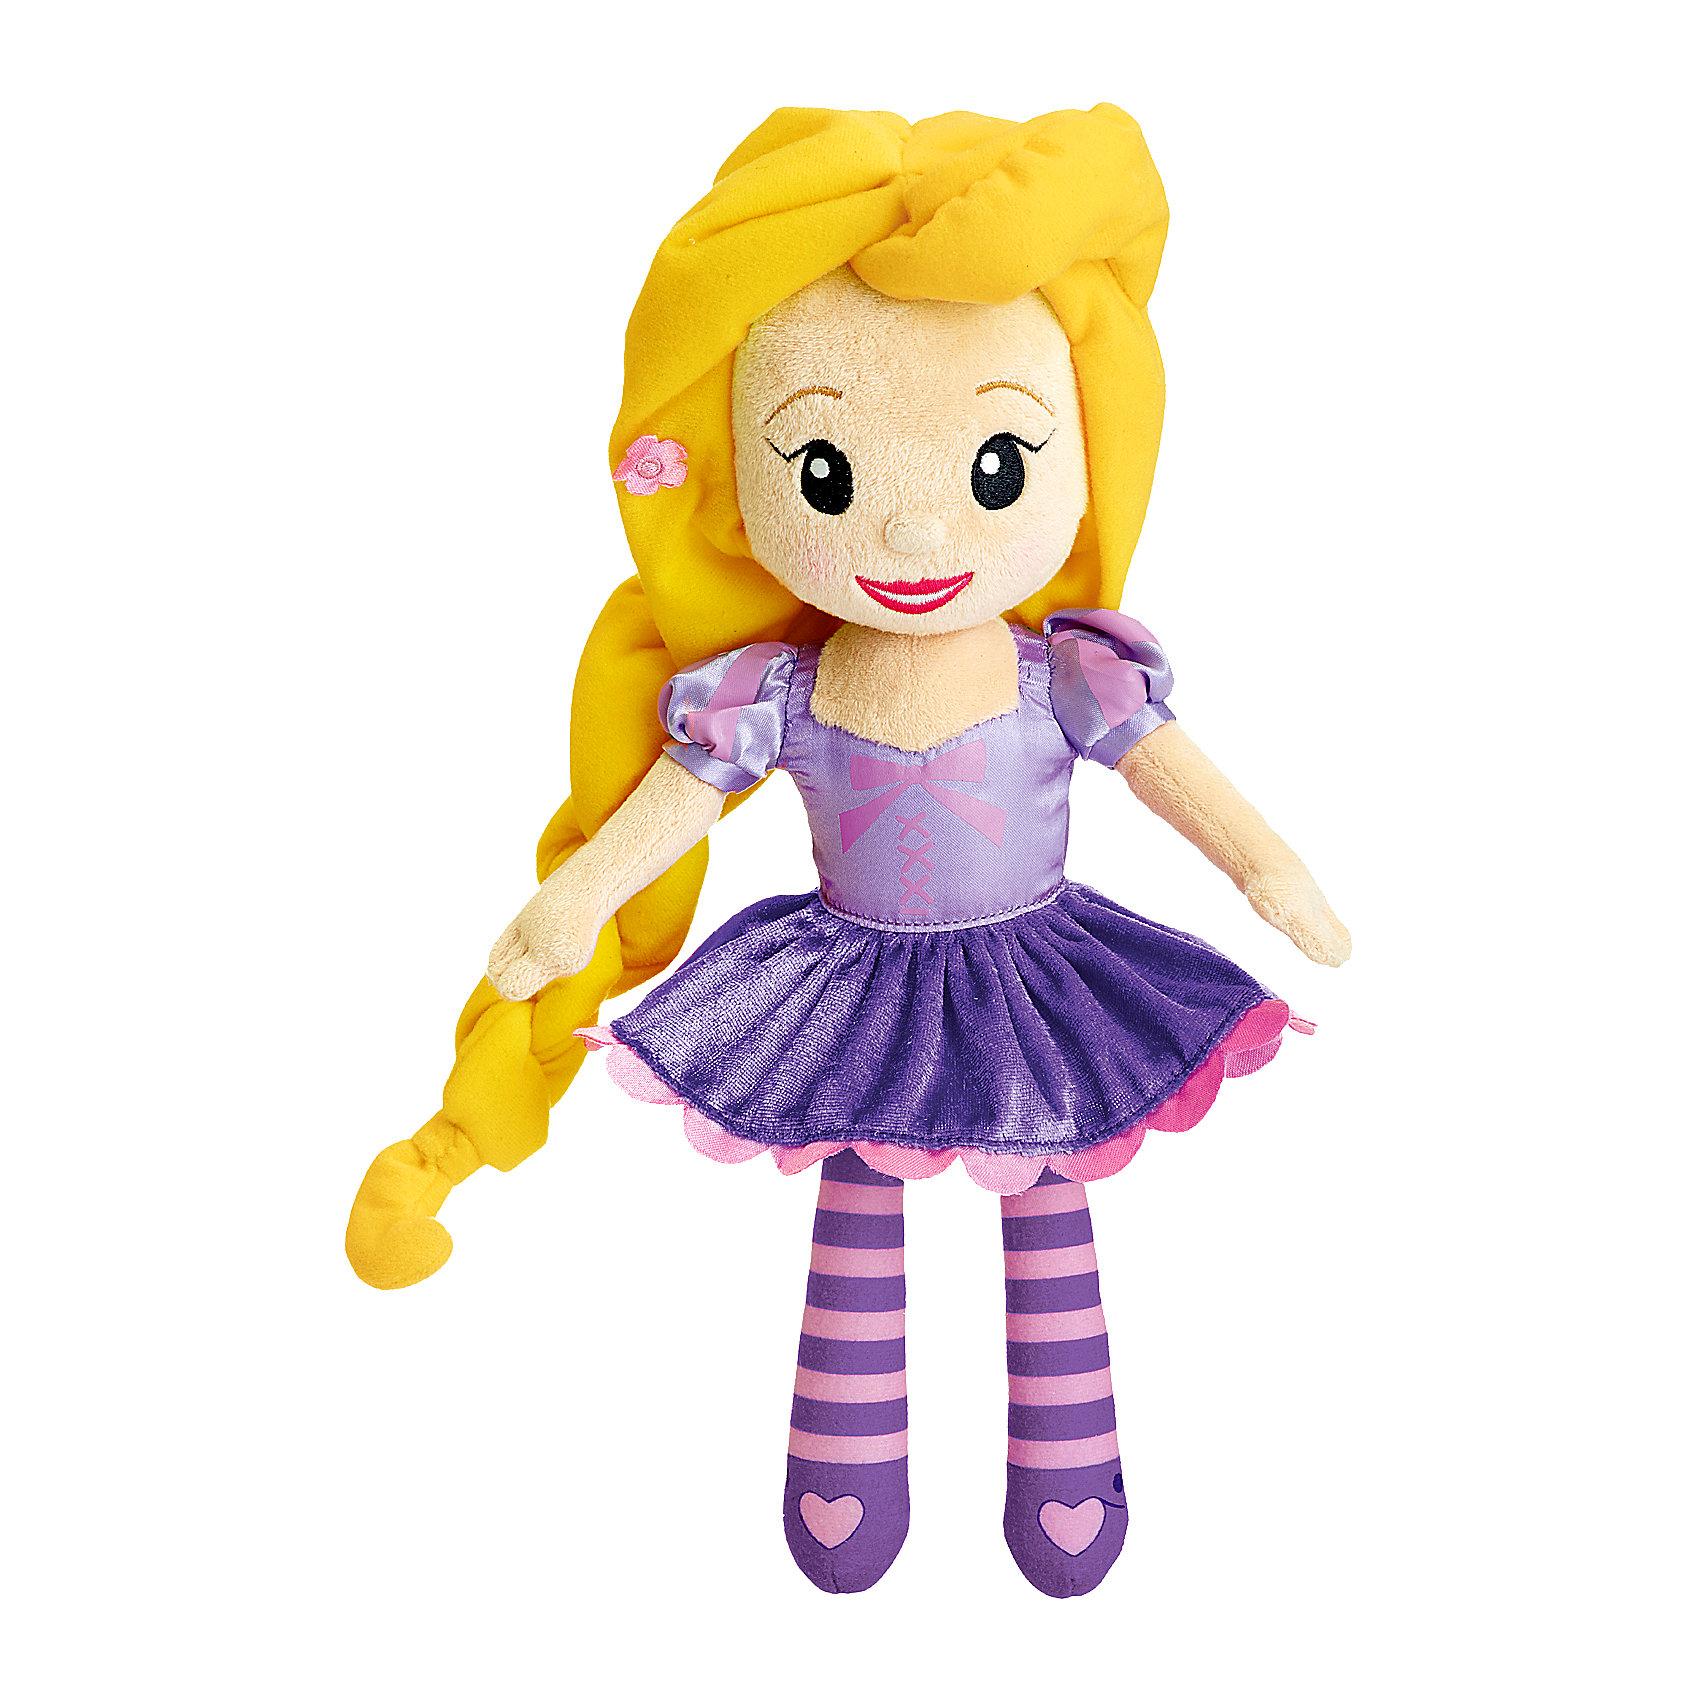 Мягкая игрушка с мелодией Рапунцель, Disney, CHICCOМягкие куклы<br>Мягкая игрушка с мелодией Рапунцель, Disney, CHICCO (ЧИКО) – эта музыкальная кукла перенесет девочку в магический мир Принцесс Disney.<br>Кукла «Рапунцель» сделана из мягкой ткани и прекрасно подойдет для малышек с 18 месяцев. Кукла одета в нарядное платье, ее роскошные волосы уложены в объемную косу, украшенную цветами. Если нажать на животик Рапунцель, то вы услышите приятные мелодии, которые напомнят чудесную историю этой принцессы из всеми любимого анимационного фильма. Мягкая привлекательная кукла станет любимой игрушкой вашей маленькой принцессы!<br><br>Дополнительная информация:<br><br>- Размер куклы: 35 см.<br>- Материал: текстиль, наполнитель<br>- Батарейки: 3 х LR44 1,5 В (включены в комплект)<br>- Размер упаковки: 39 х 15 х 10 см.<br>- Уход: допускается машинная стирка игрушки при 30 градусах, предварительно вынув электронный модуль<br><br>Мягкую игрушку с мелодией Рапунцель, Disney, CHICCO (ЧИКО) можно купить в нашем интернет-магазине.<br><br>Ширина мм: 396<br>Глубина мм: 164<br>Высота мм: 109<br>Вес г: 344<br>Возраст от месяцев: 18<br>Возраст до месяцев: 36<br>Пол: Женский<br>Возраст: Детский<br>SKU: 4162846